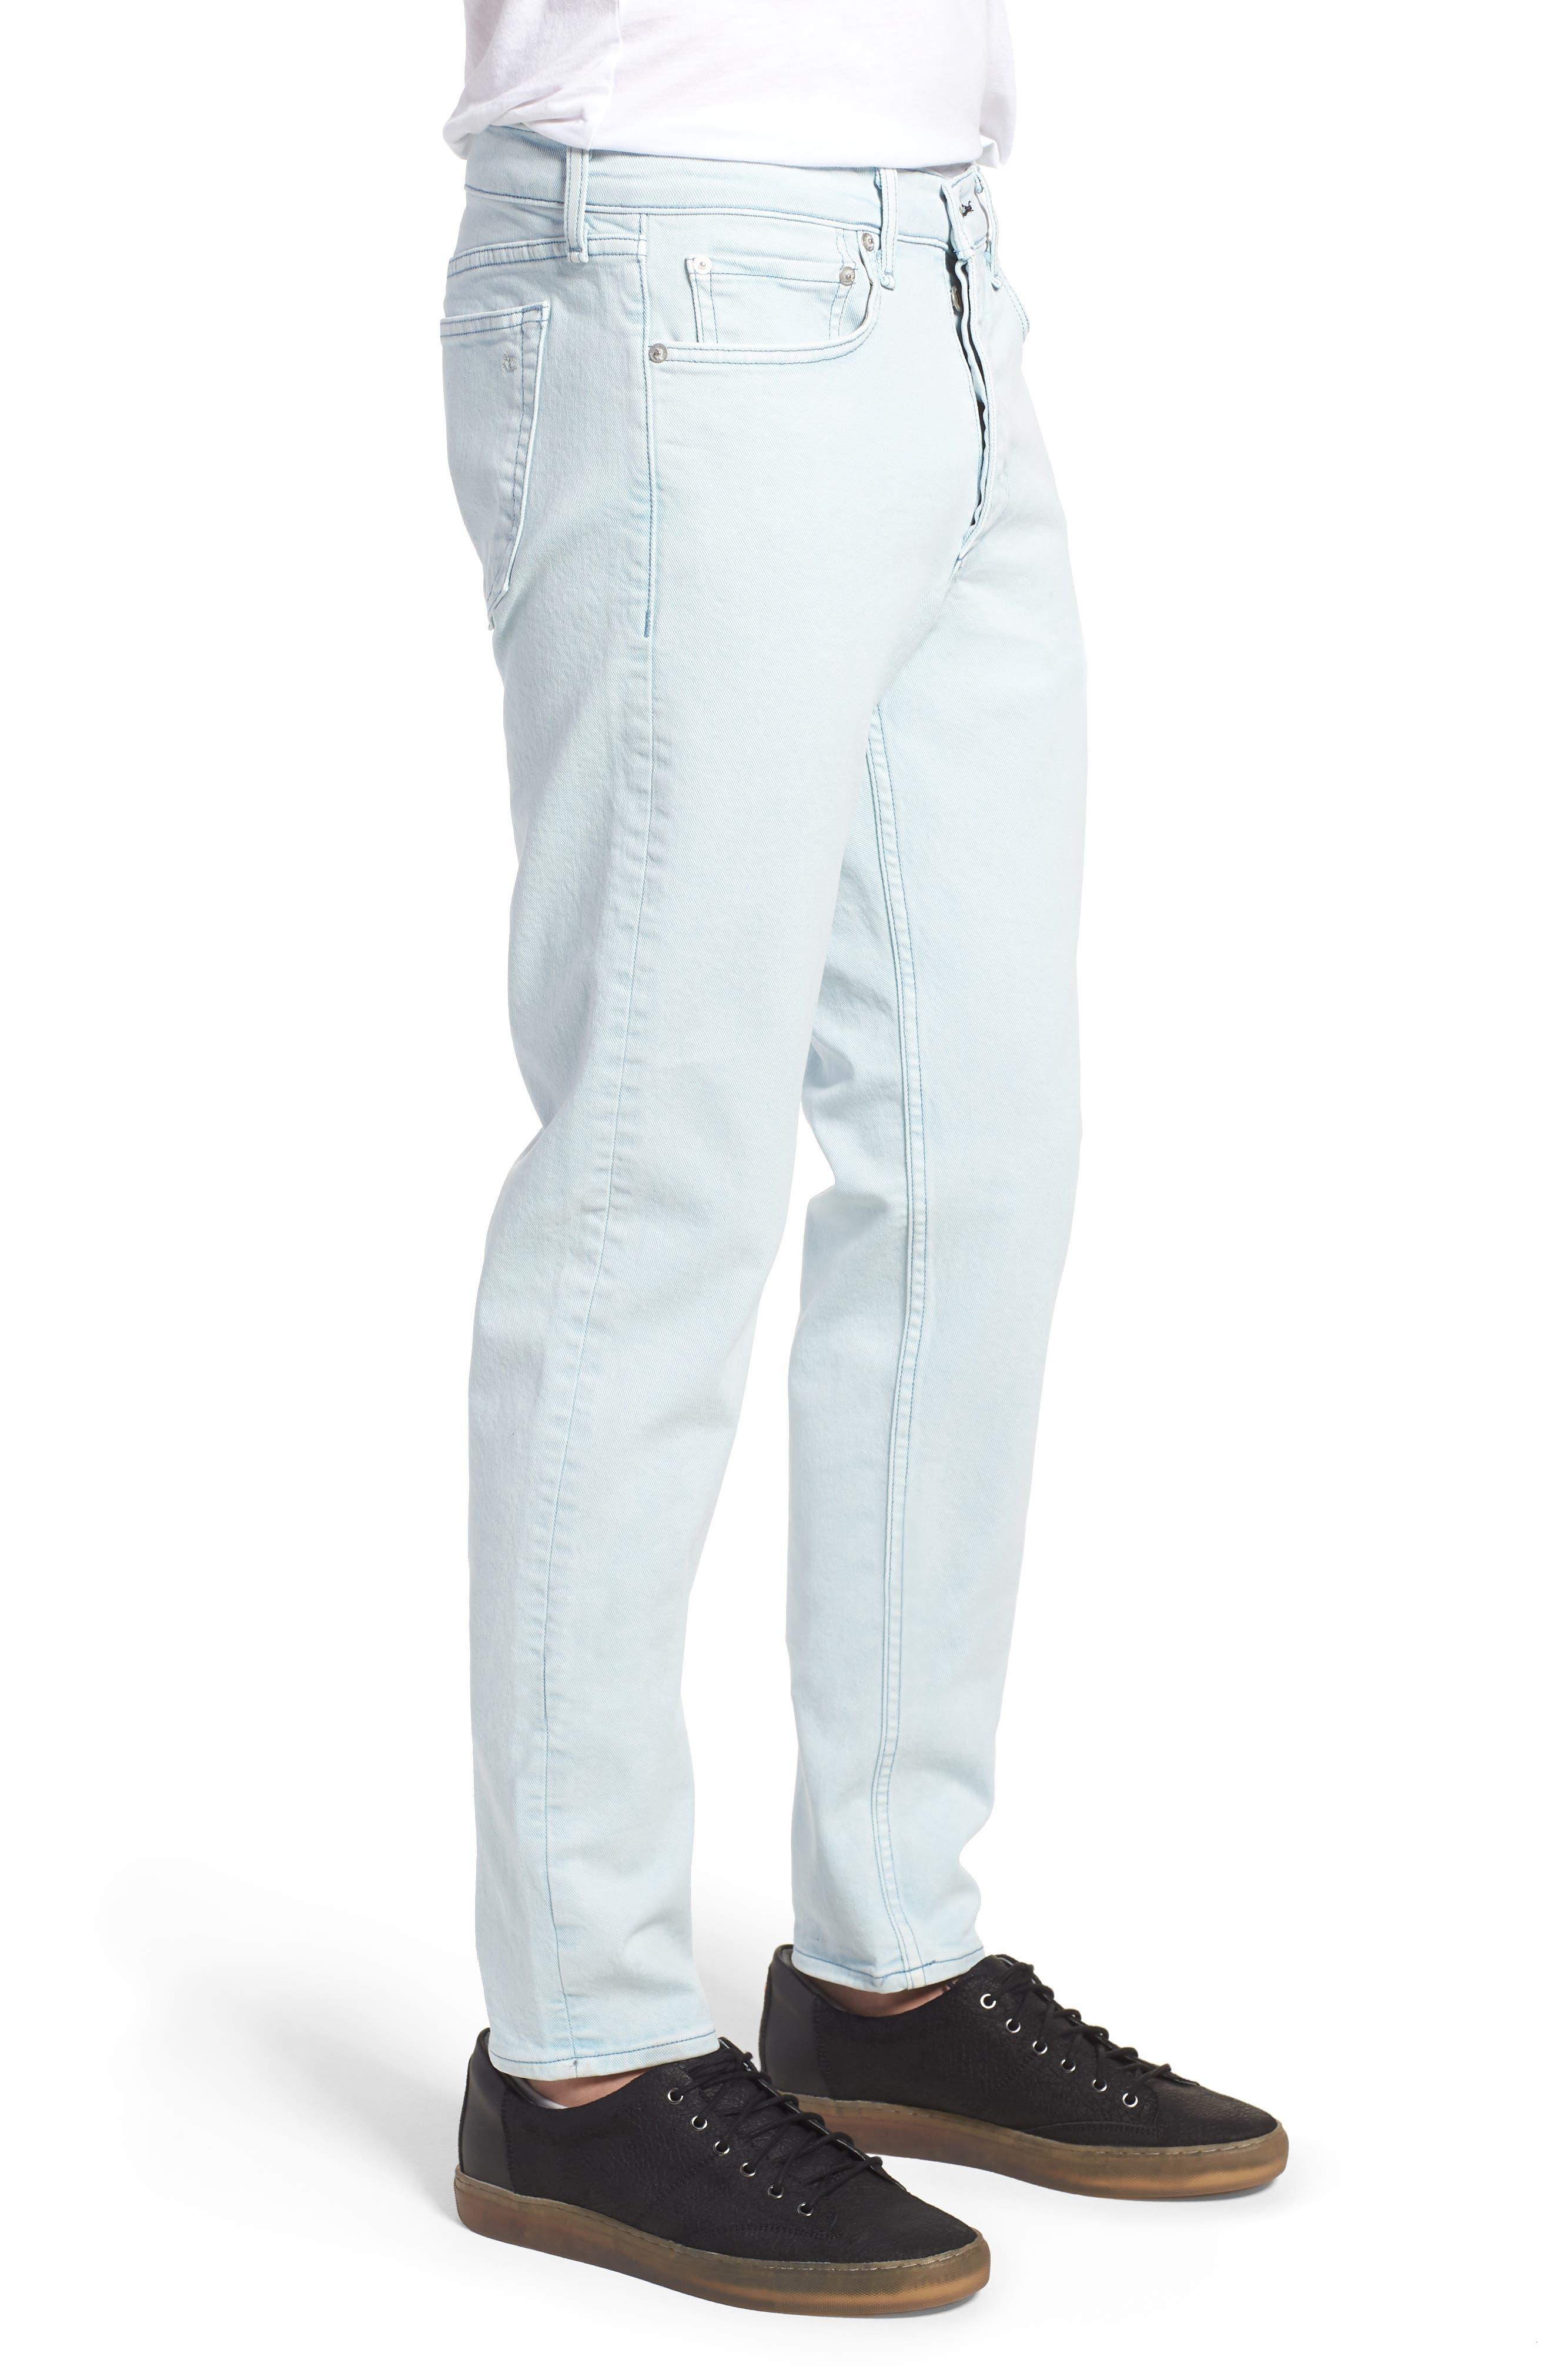 Fit 2 Slim Fit Jeans,                             Alternate thumbnail 3, color,                             Light Blue Pigment